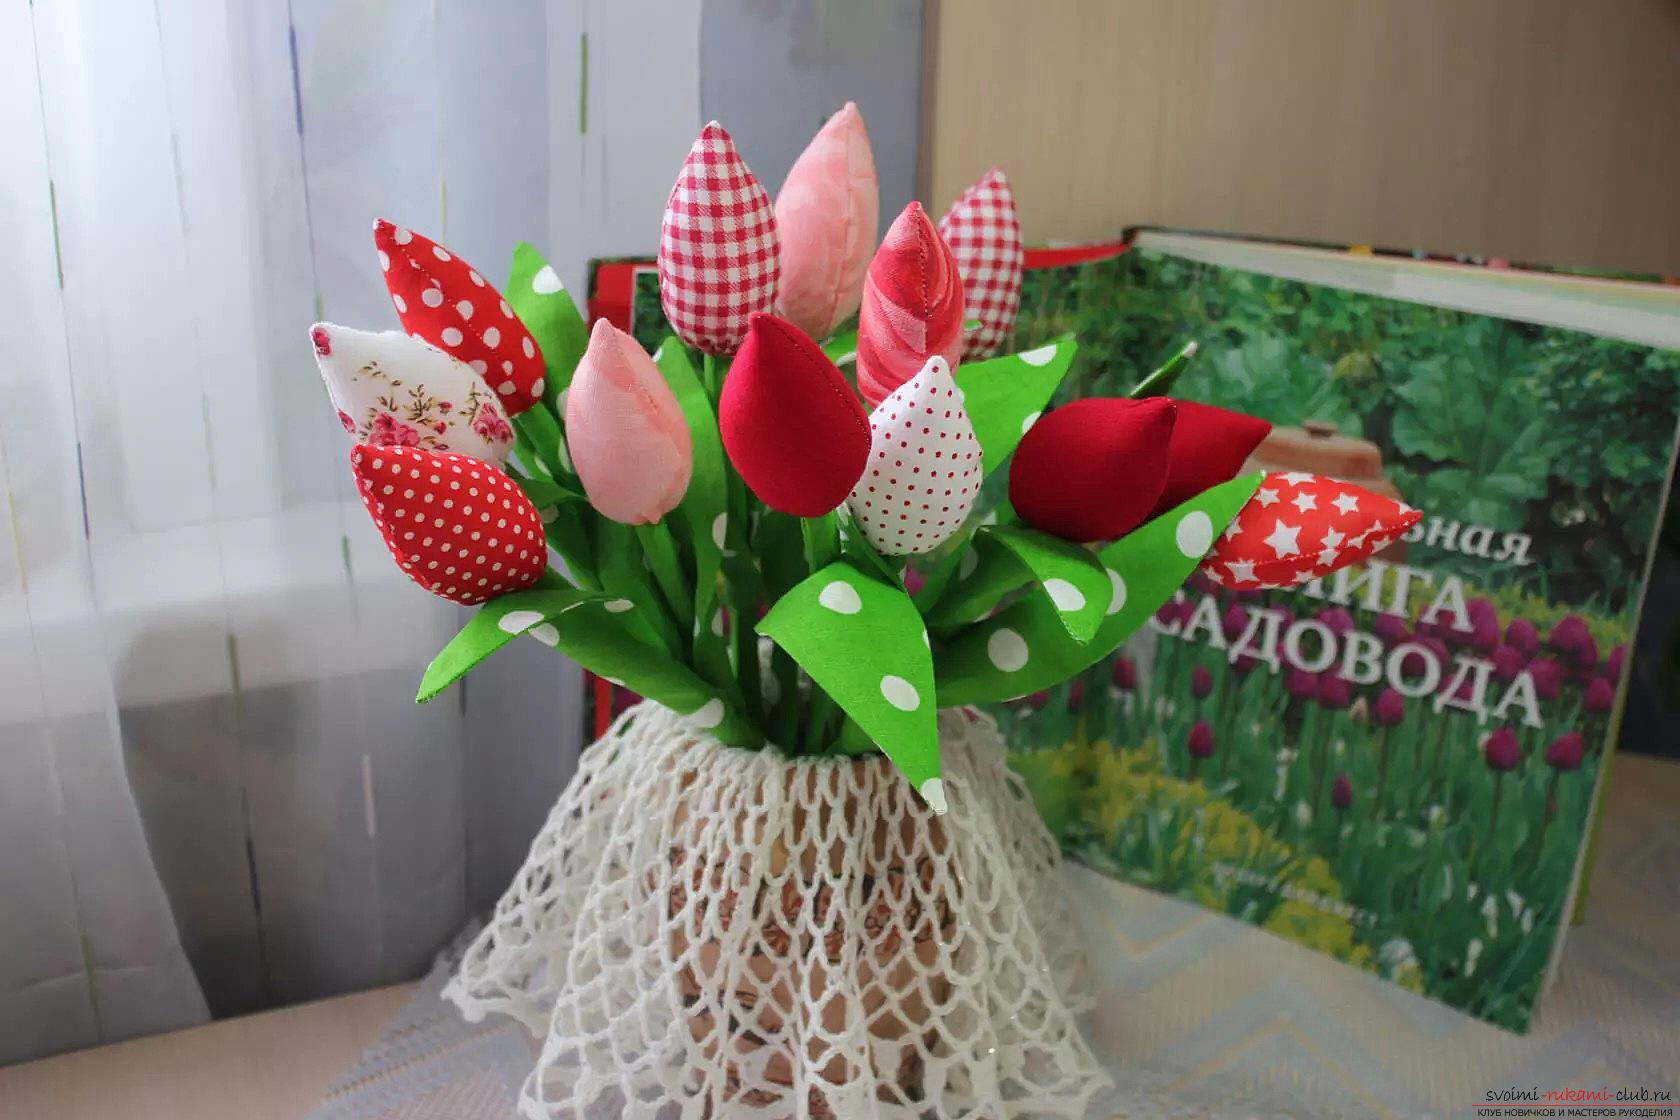 Шитье: мастер-класс по изготовлению текстильных тюльпанов в стиле Тильда